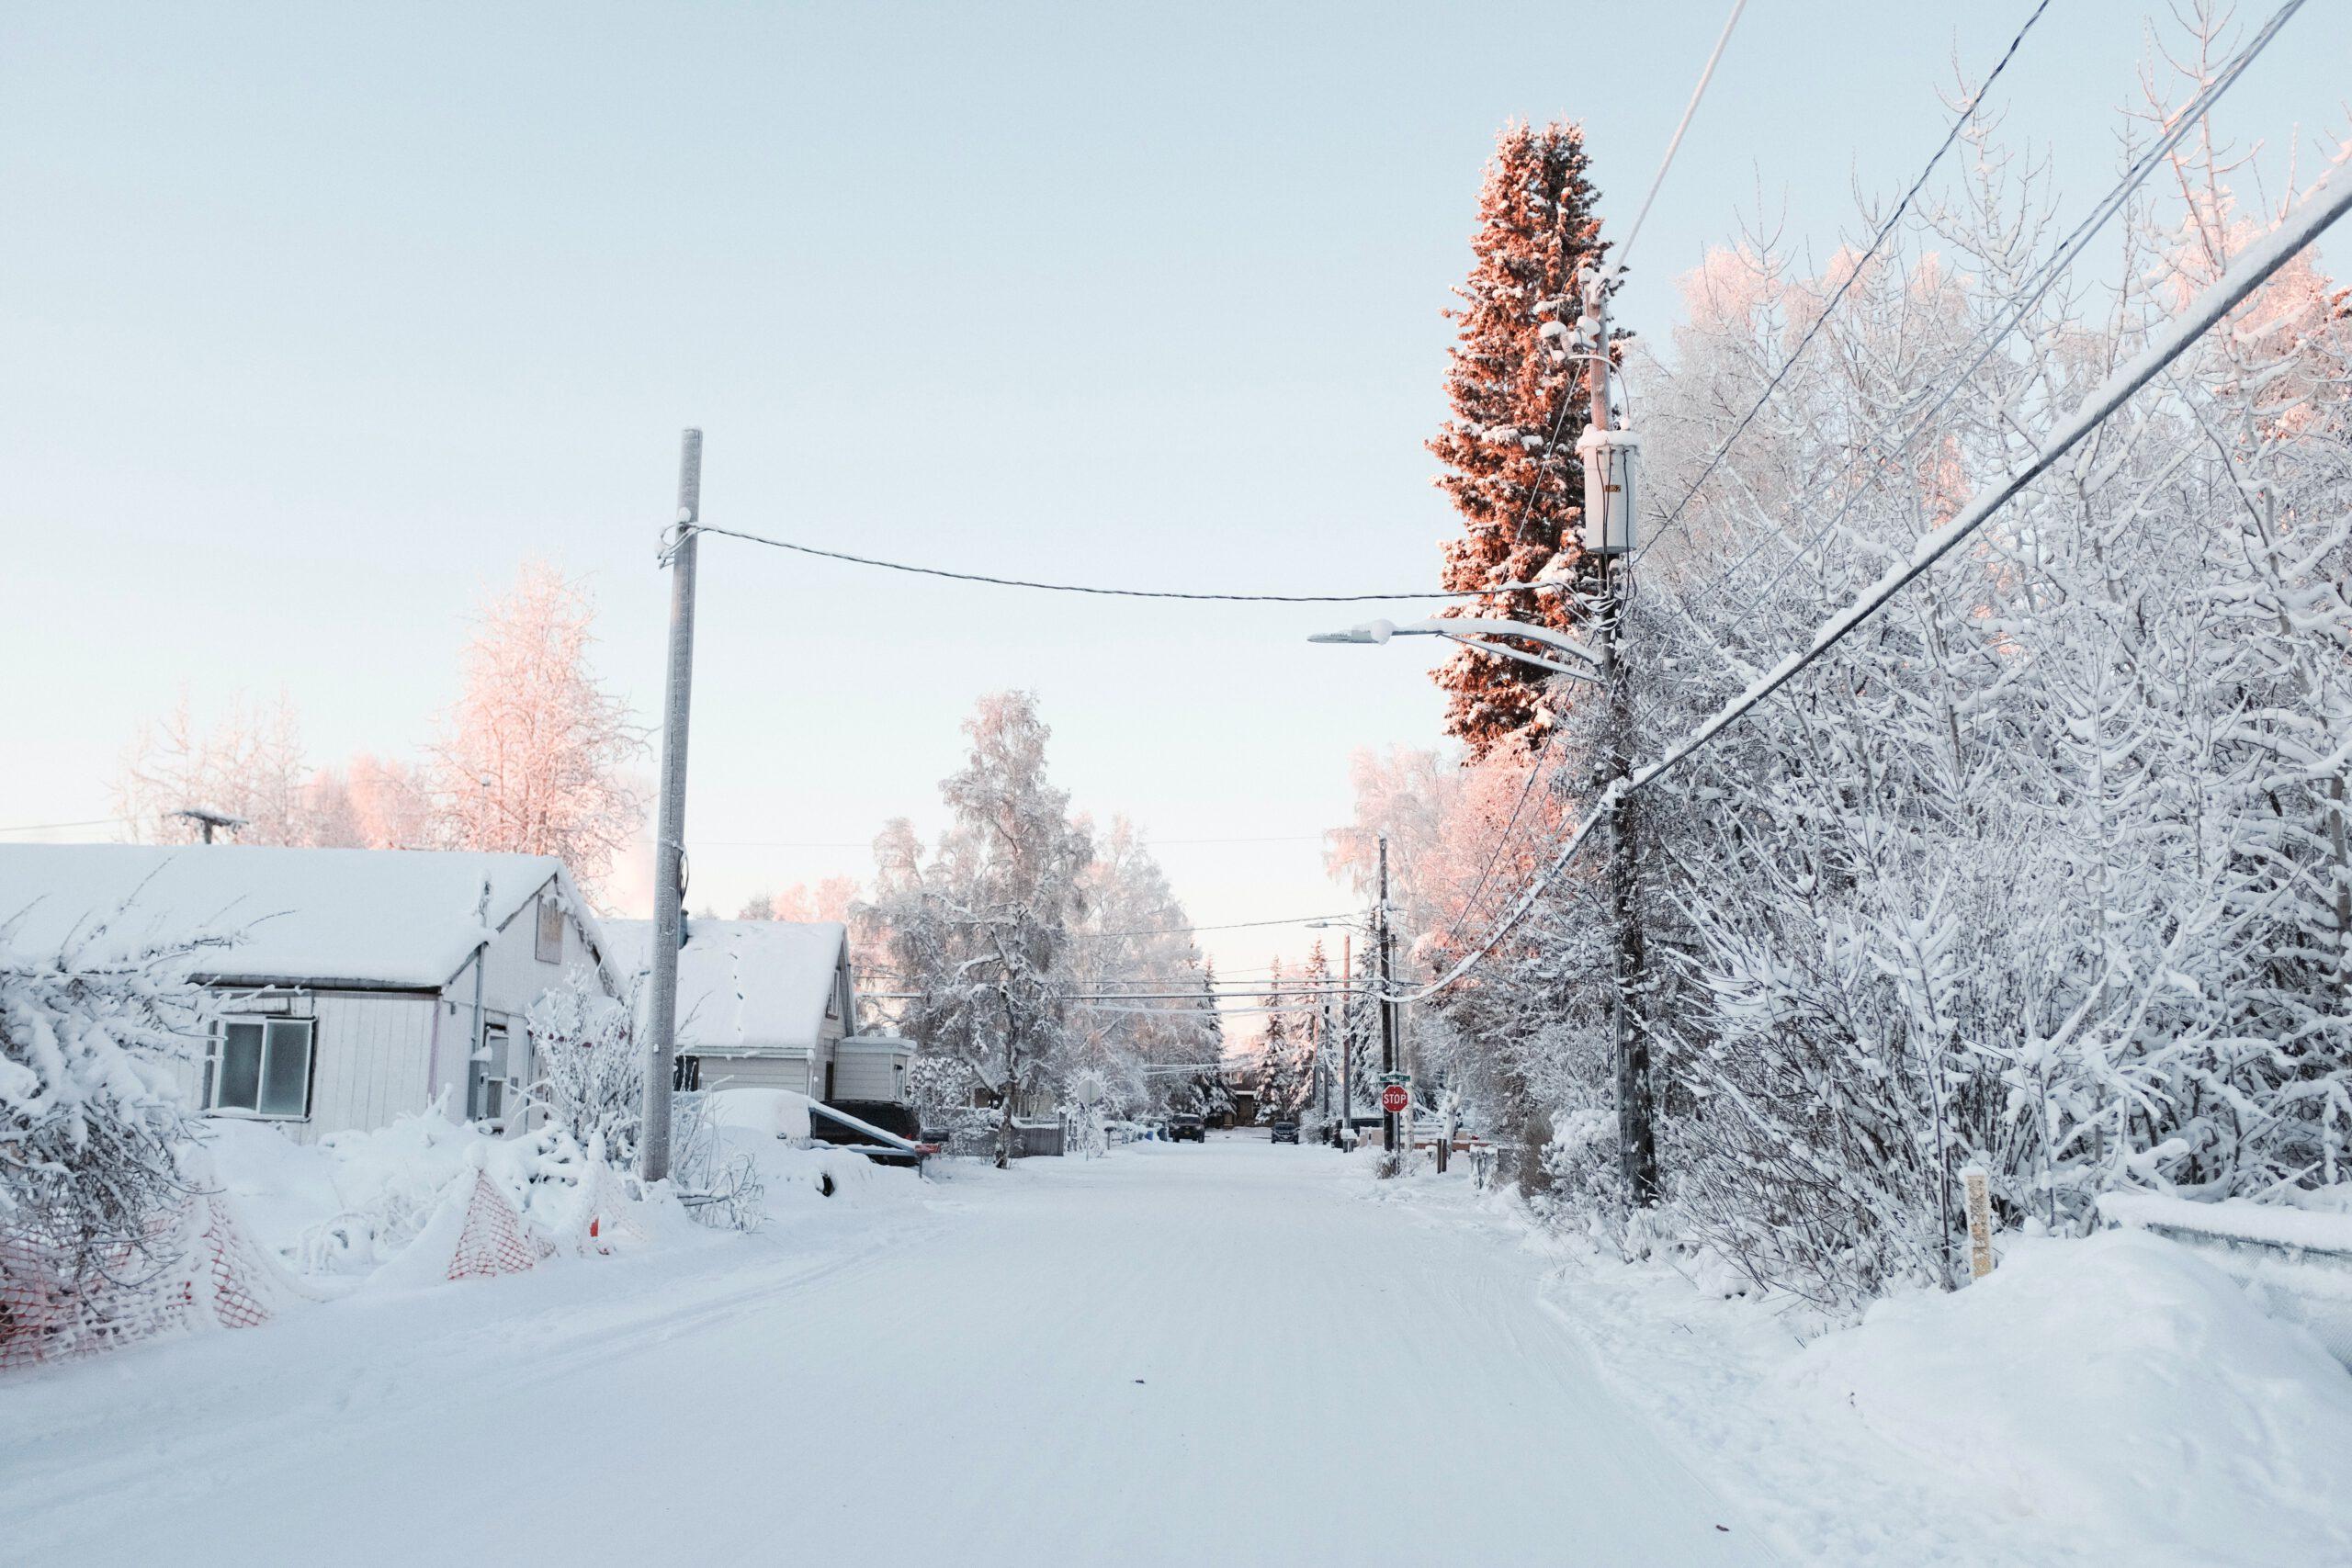 alaska-Fairbanks-sneeuw-straat-huizen